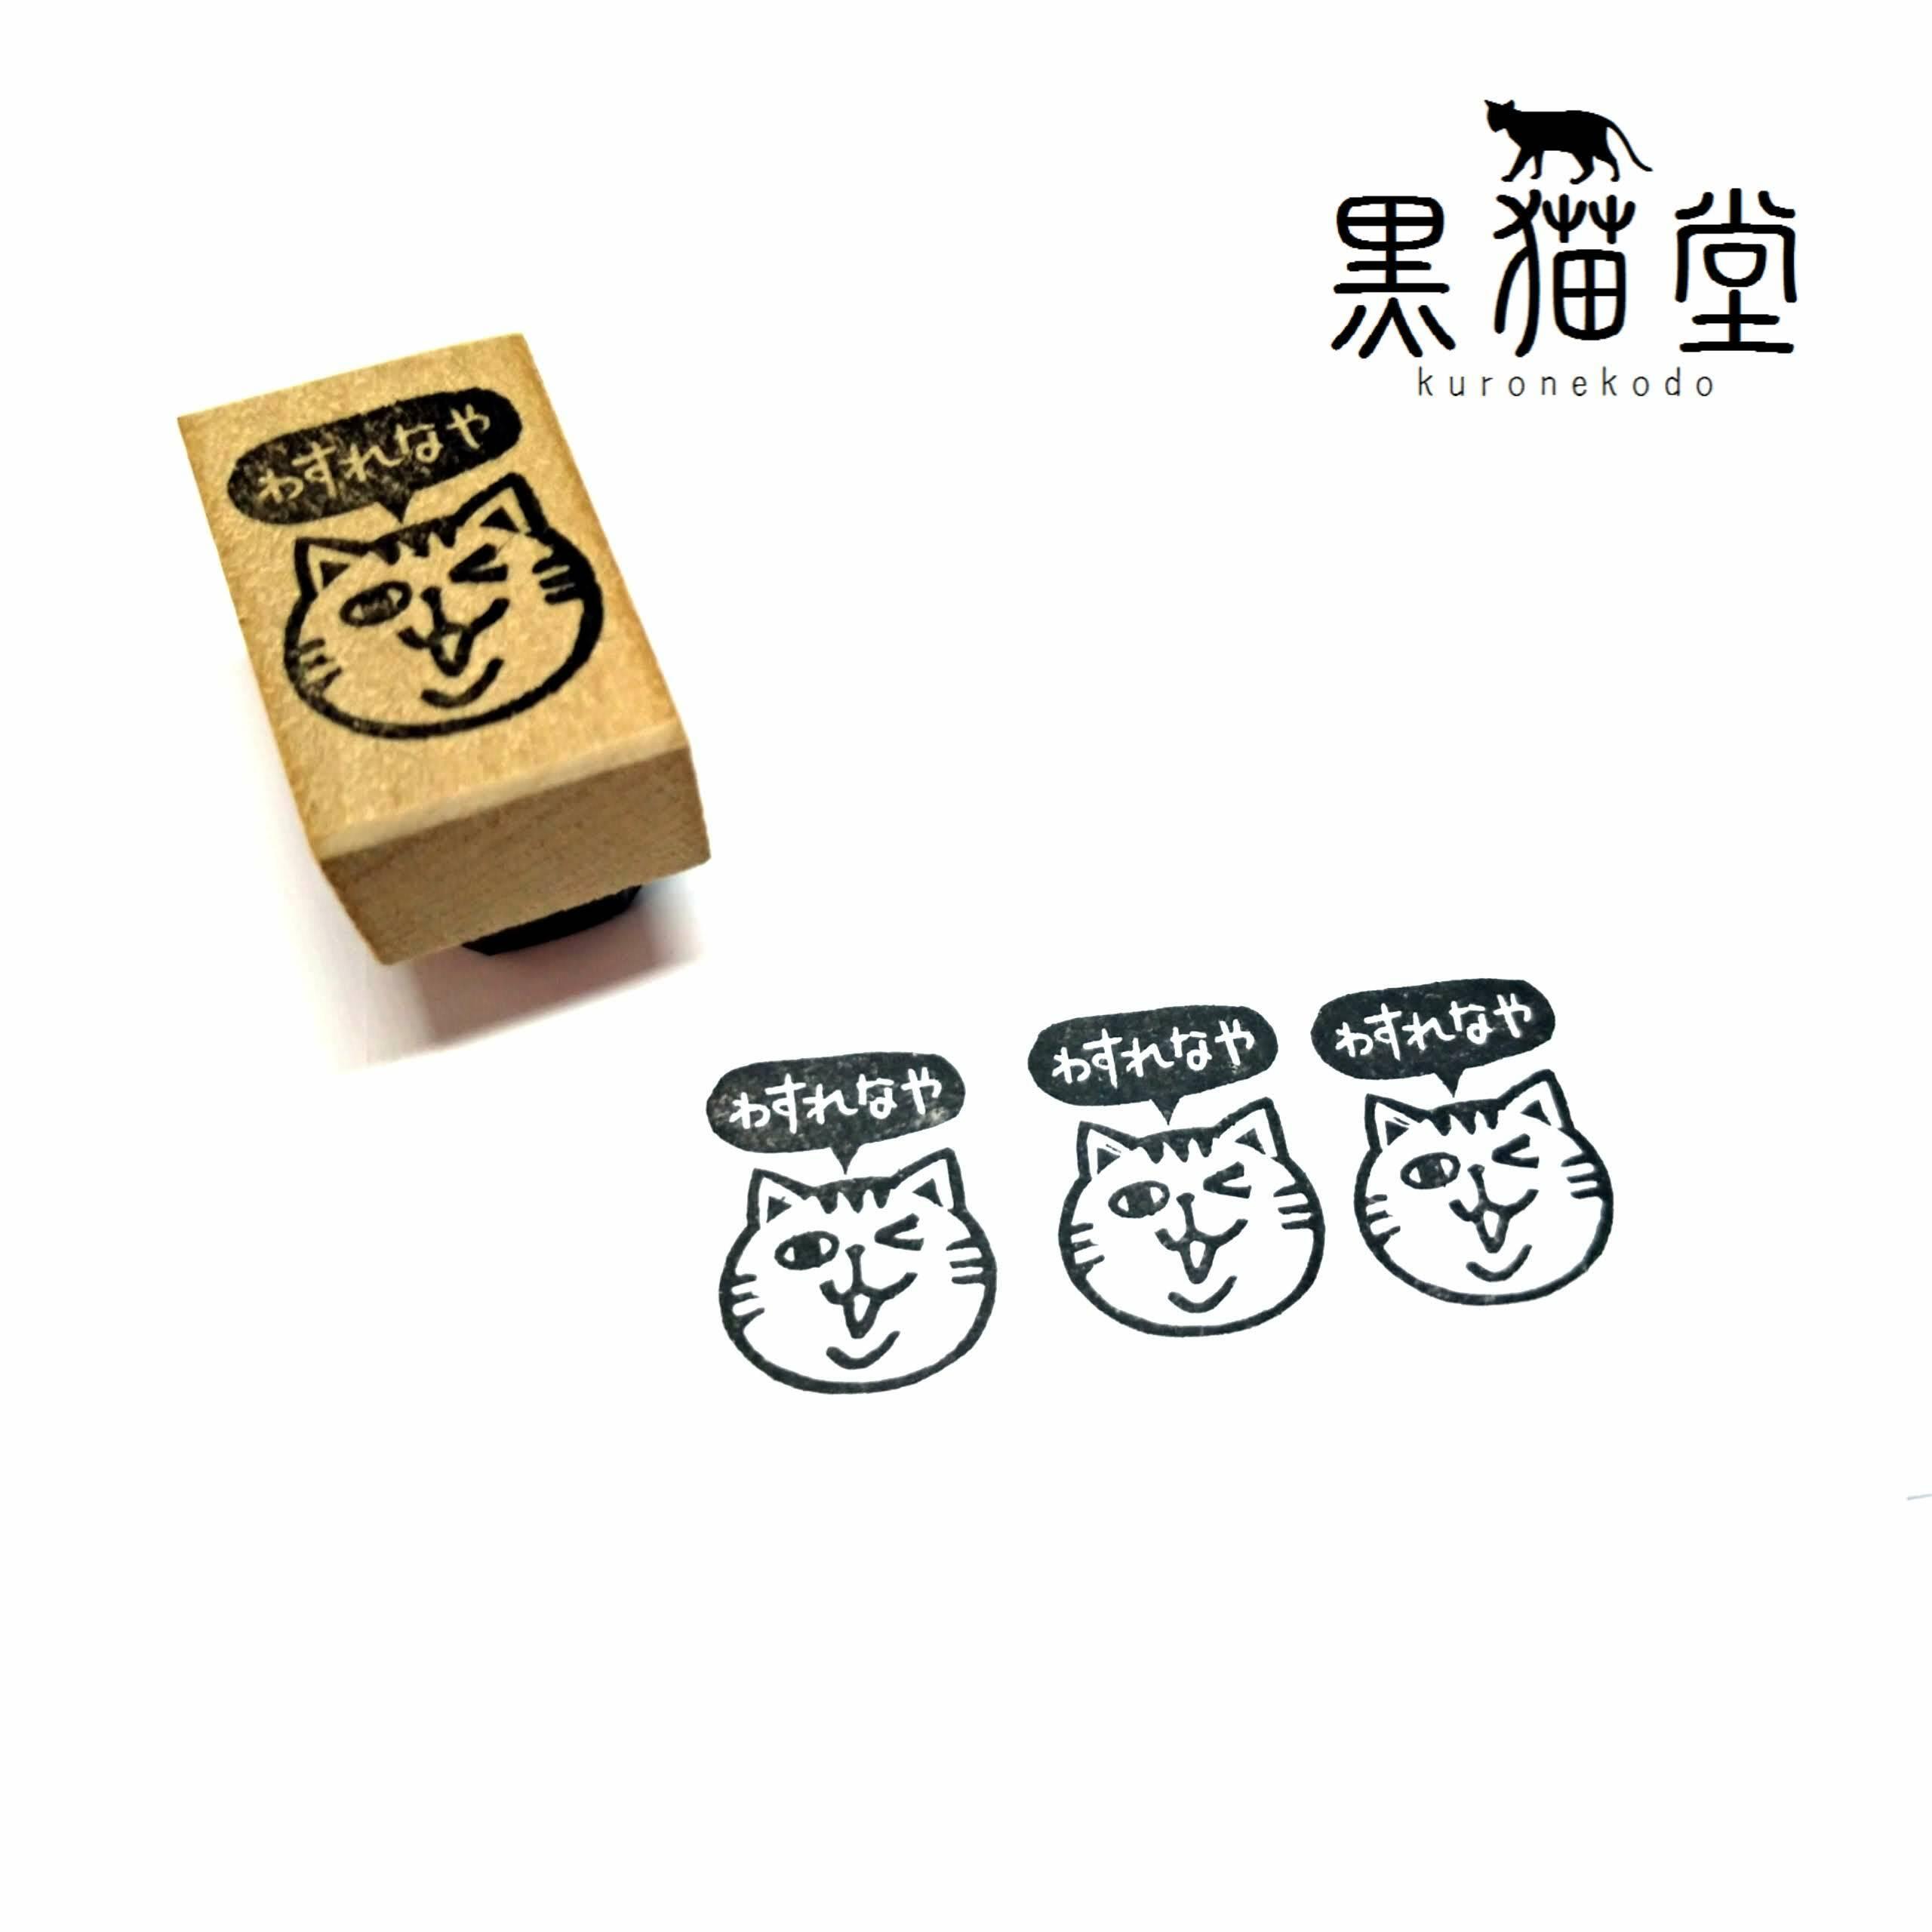 関西弁ネコ「わすれなや」